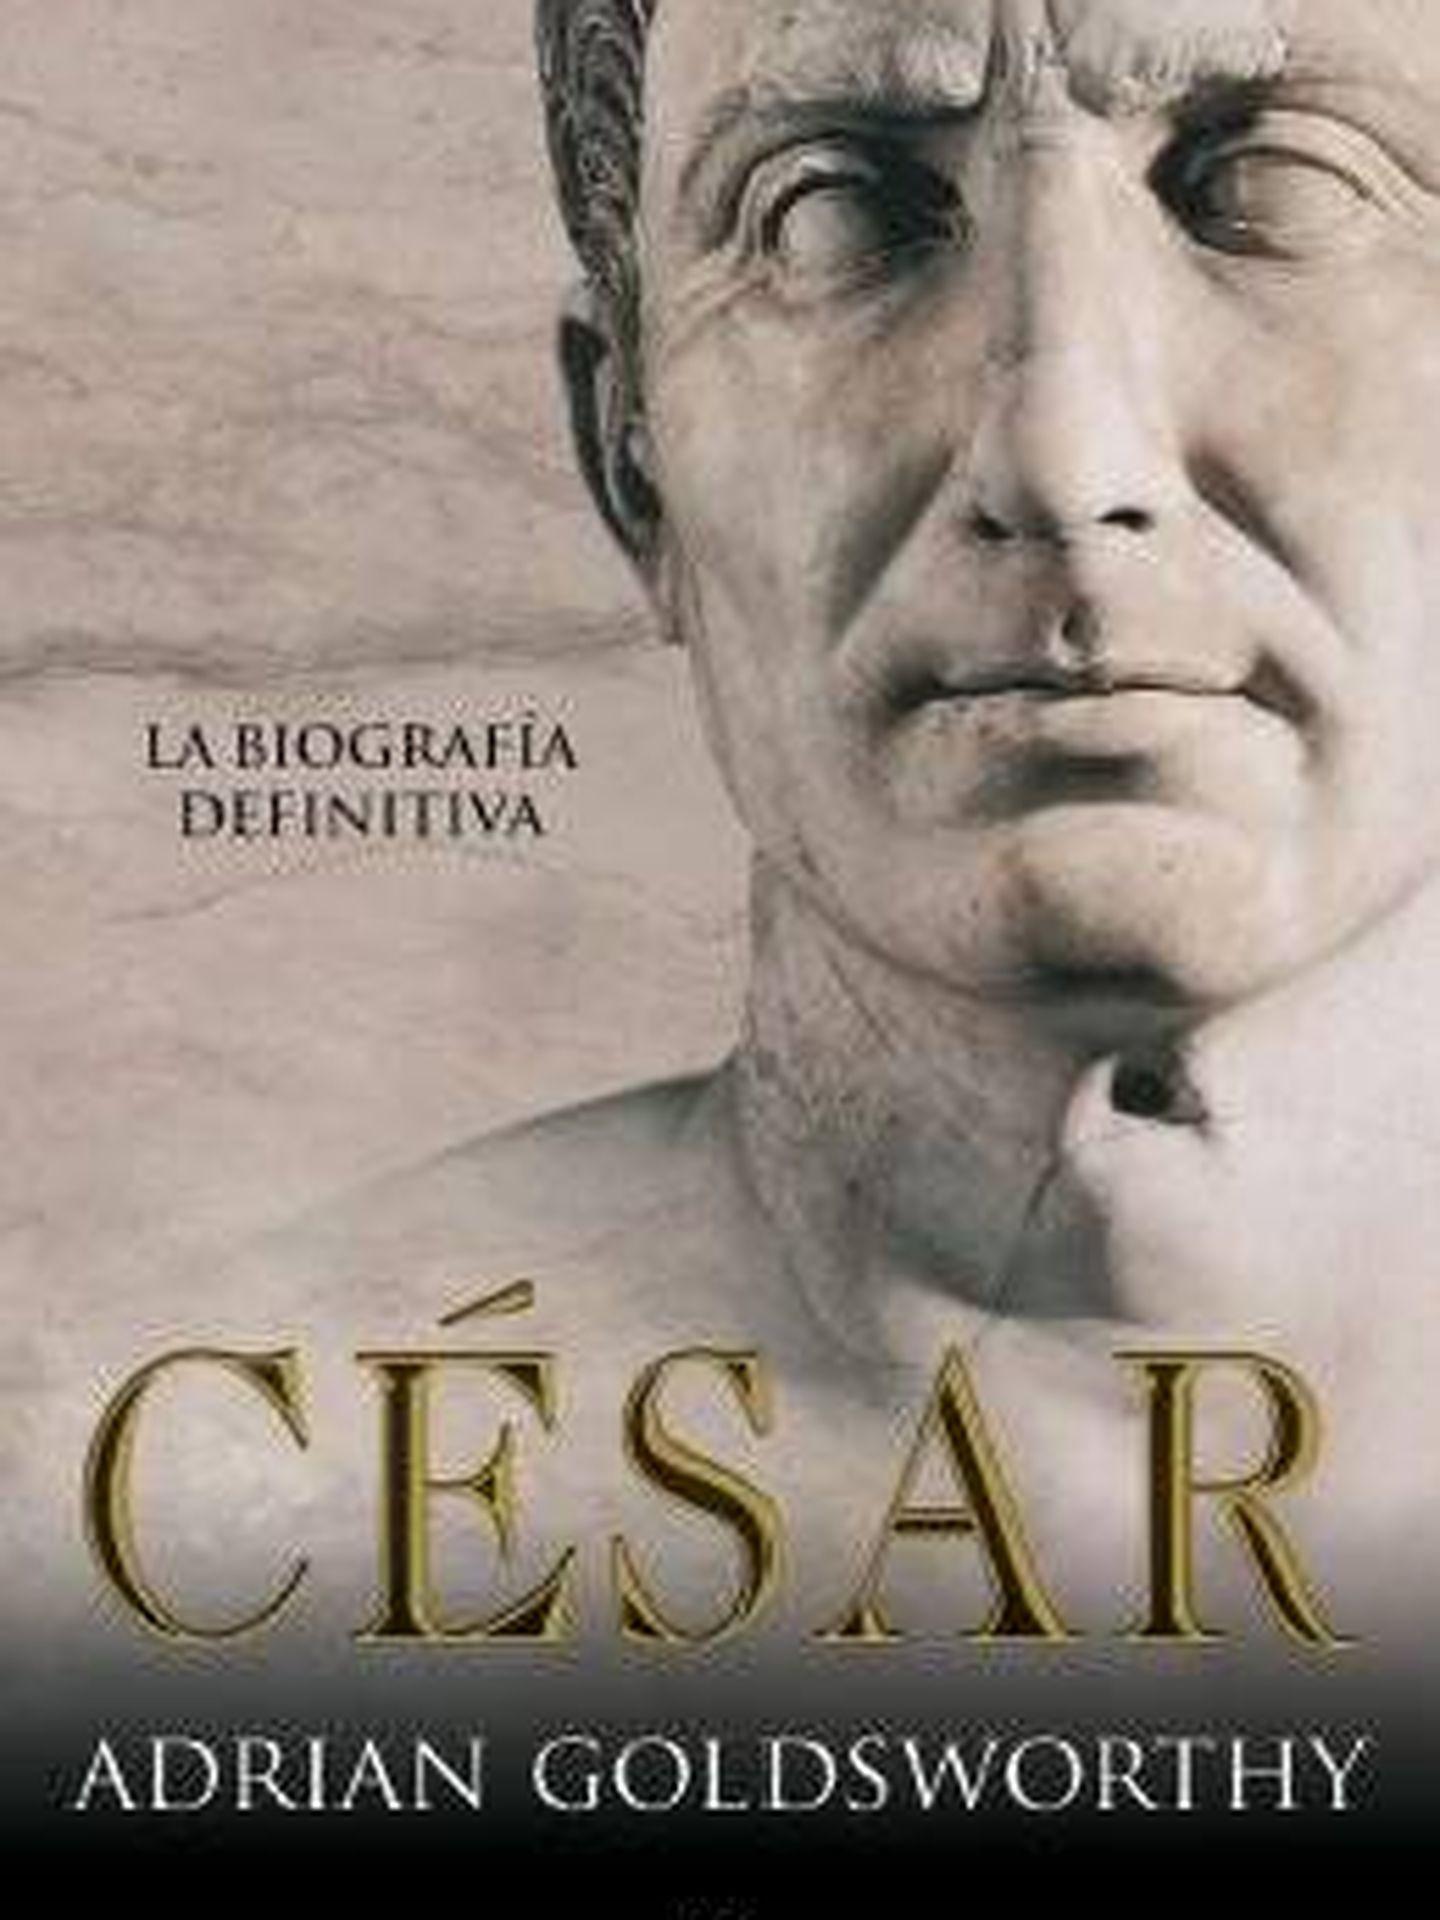 'César'